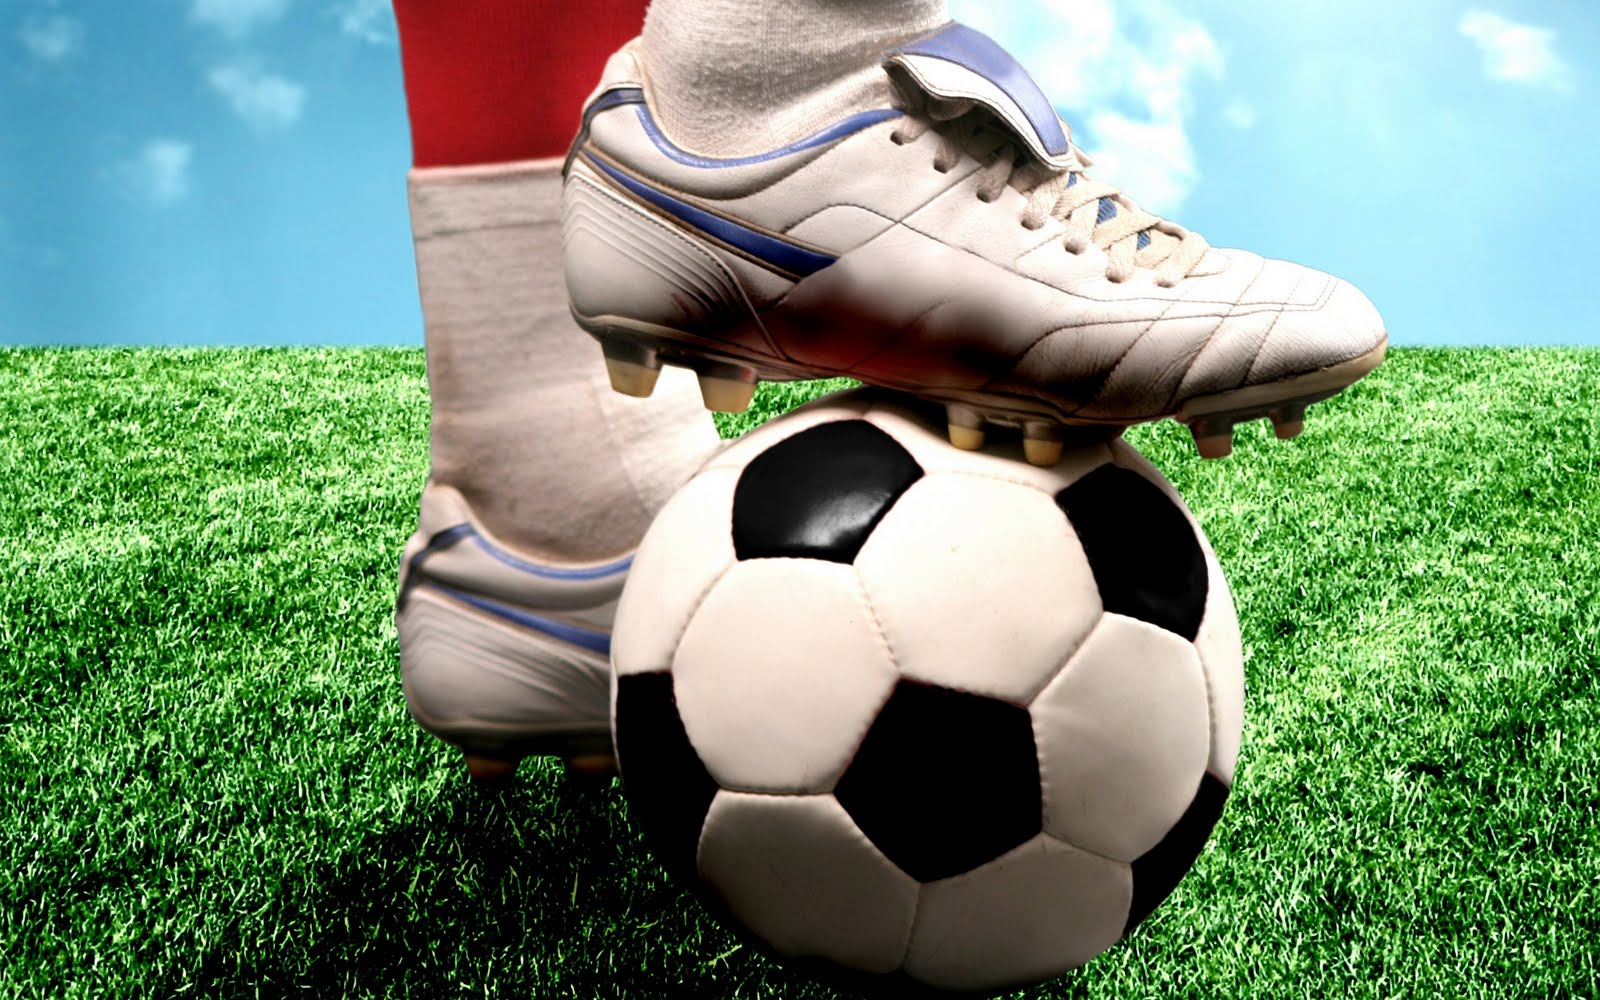 Mâbedleri, Rahibleri, İnananları ve Savaşçılarıyla, 'Futbol Dini'